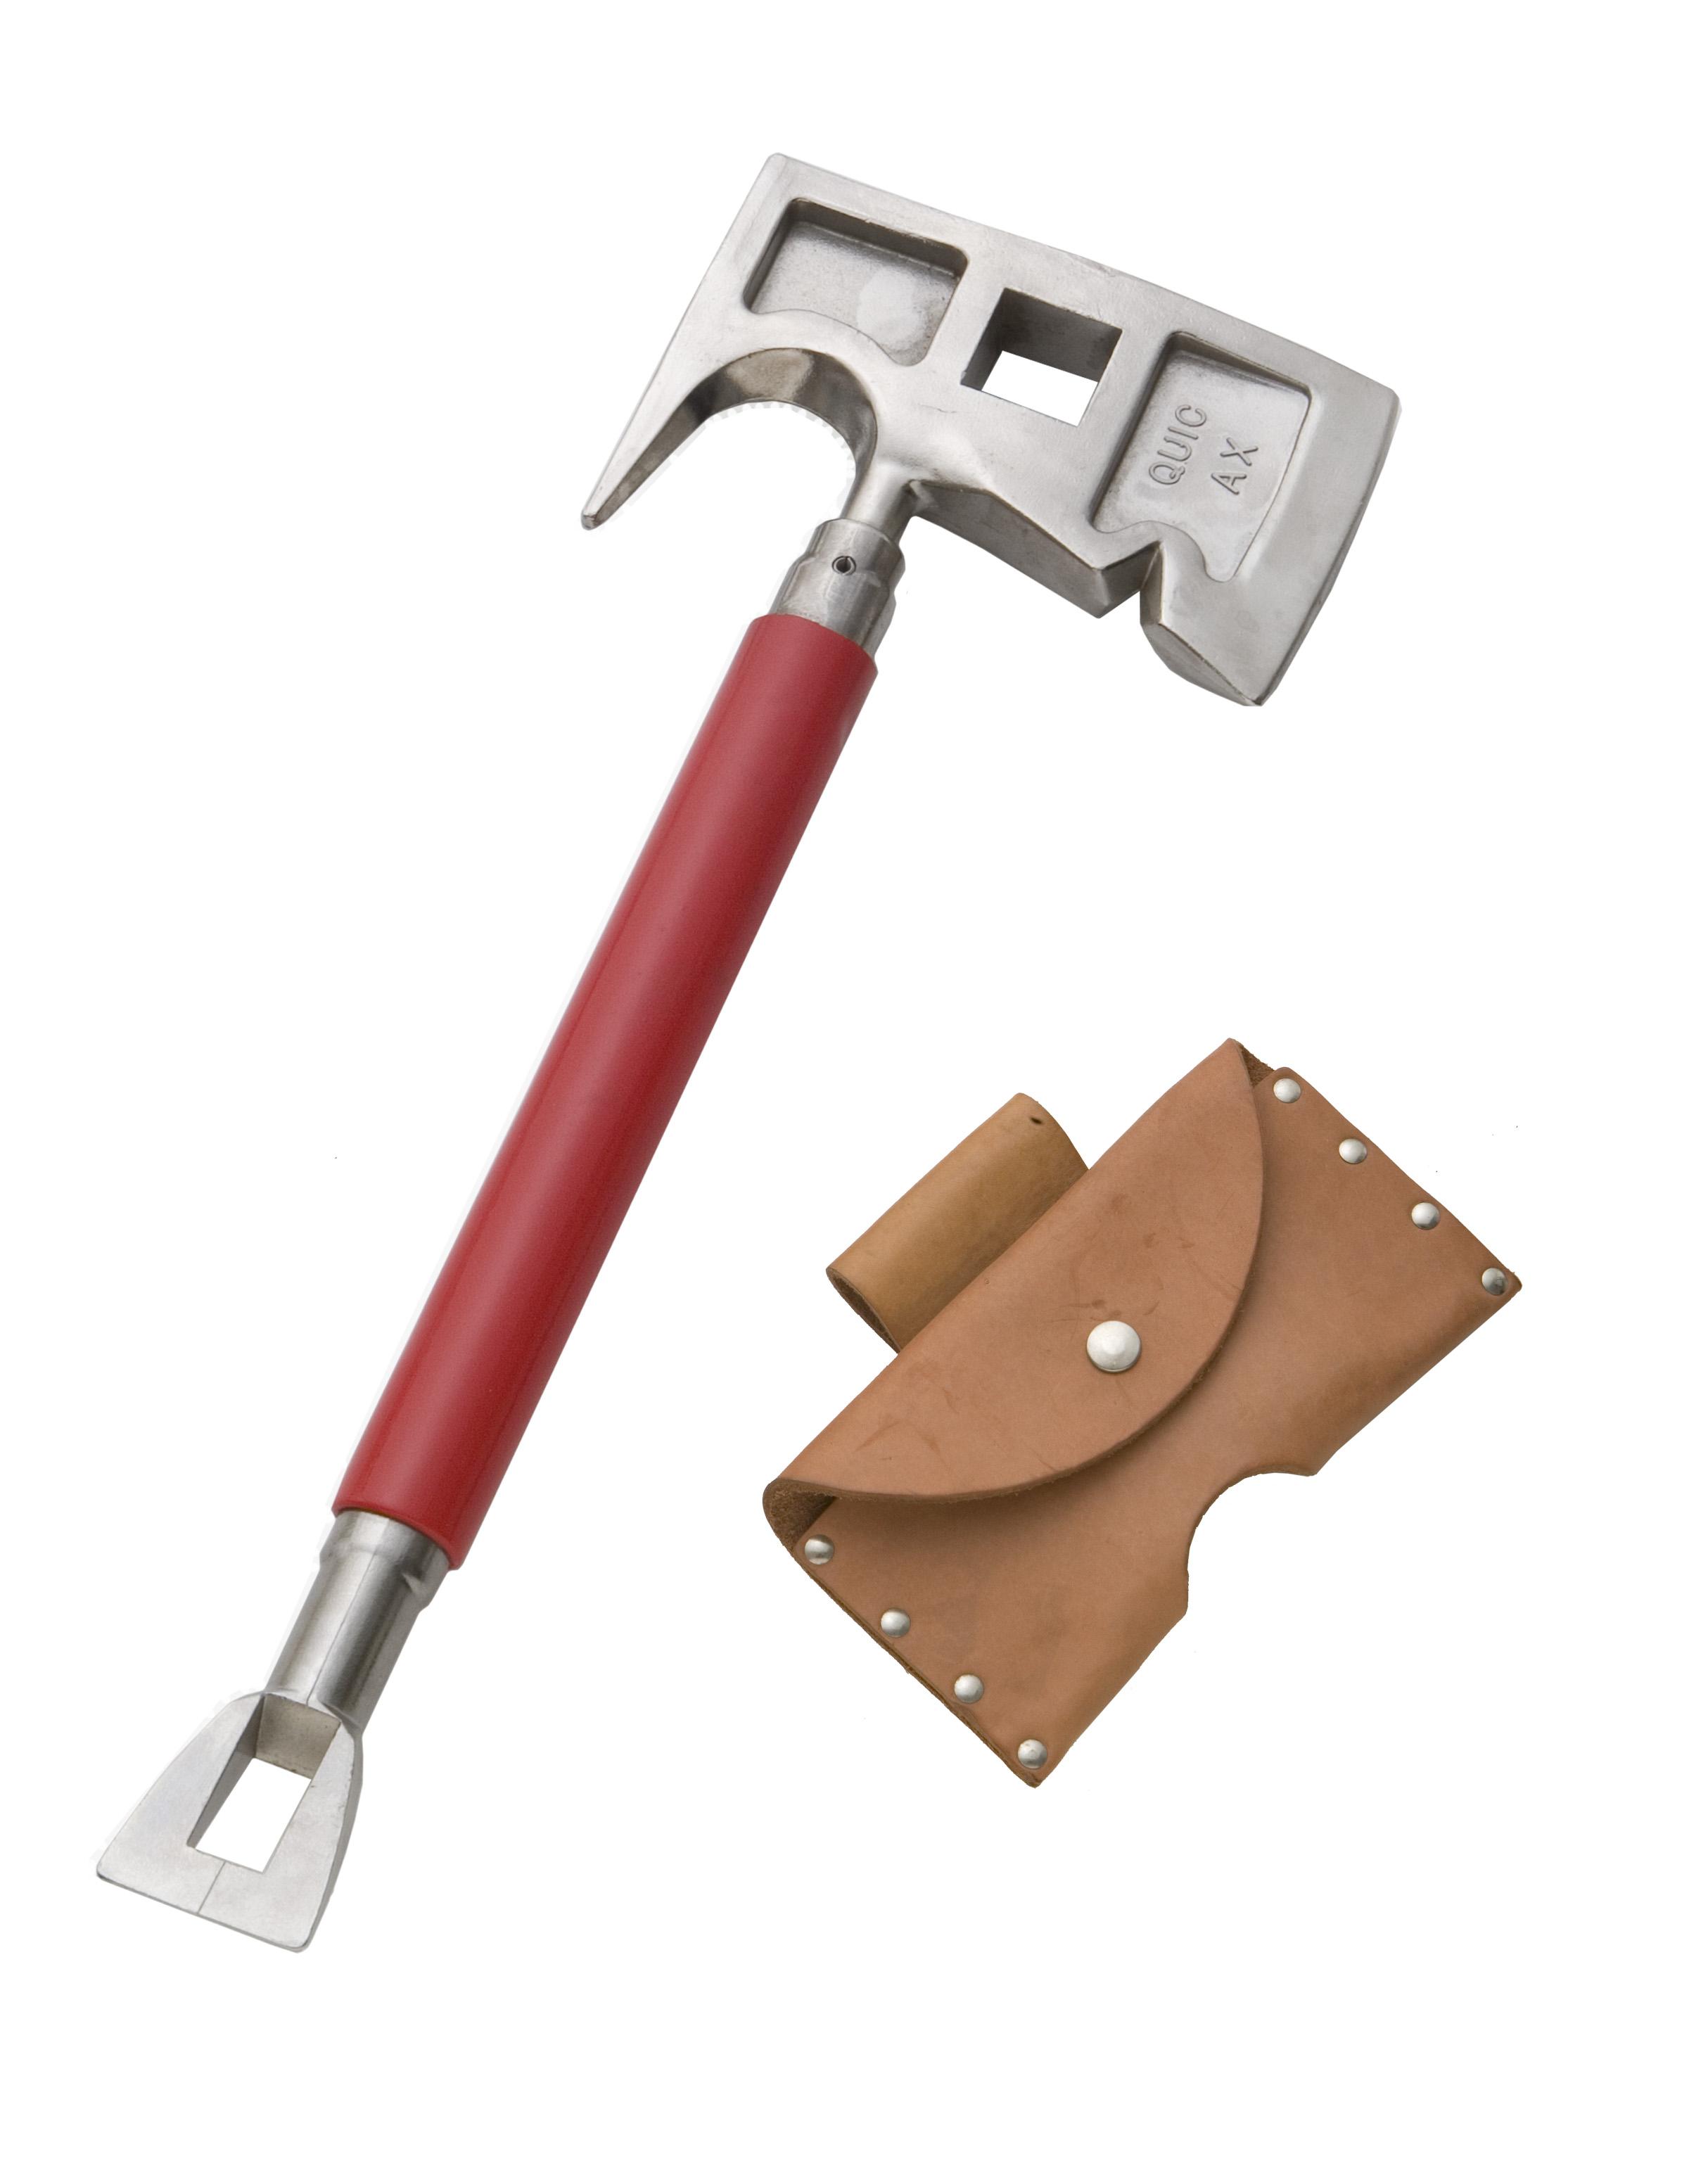 QUIC-AXE Super Tool – Square